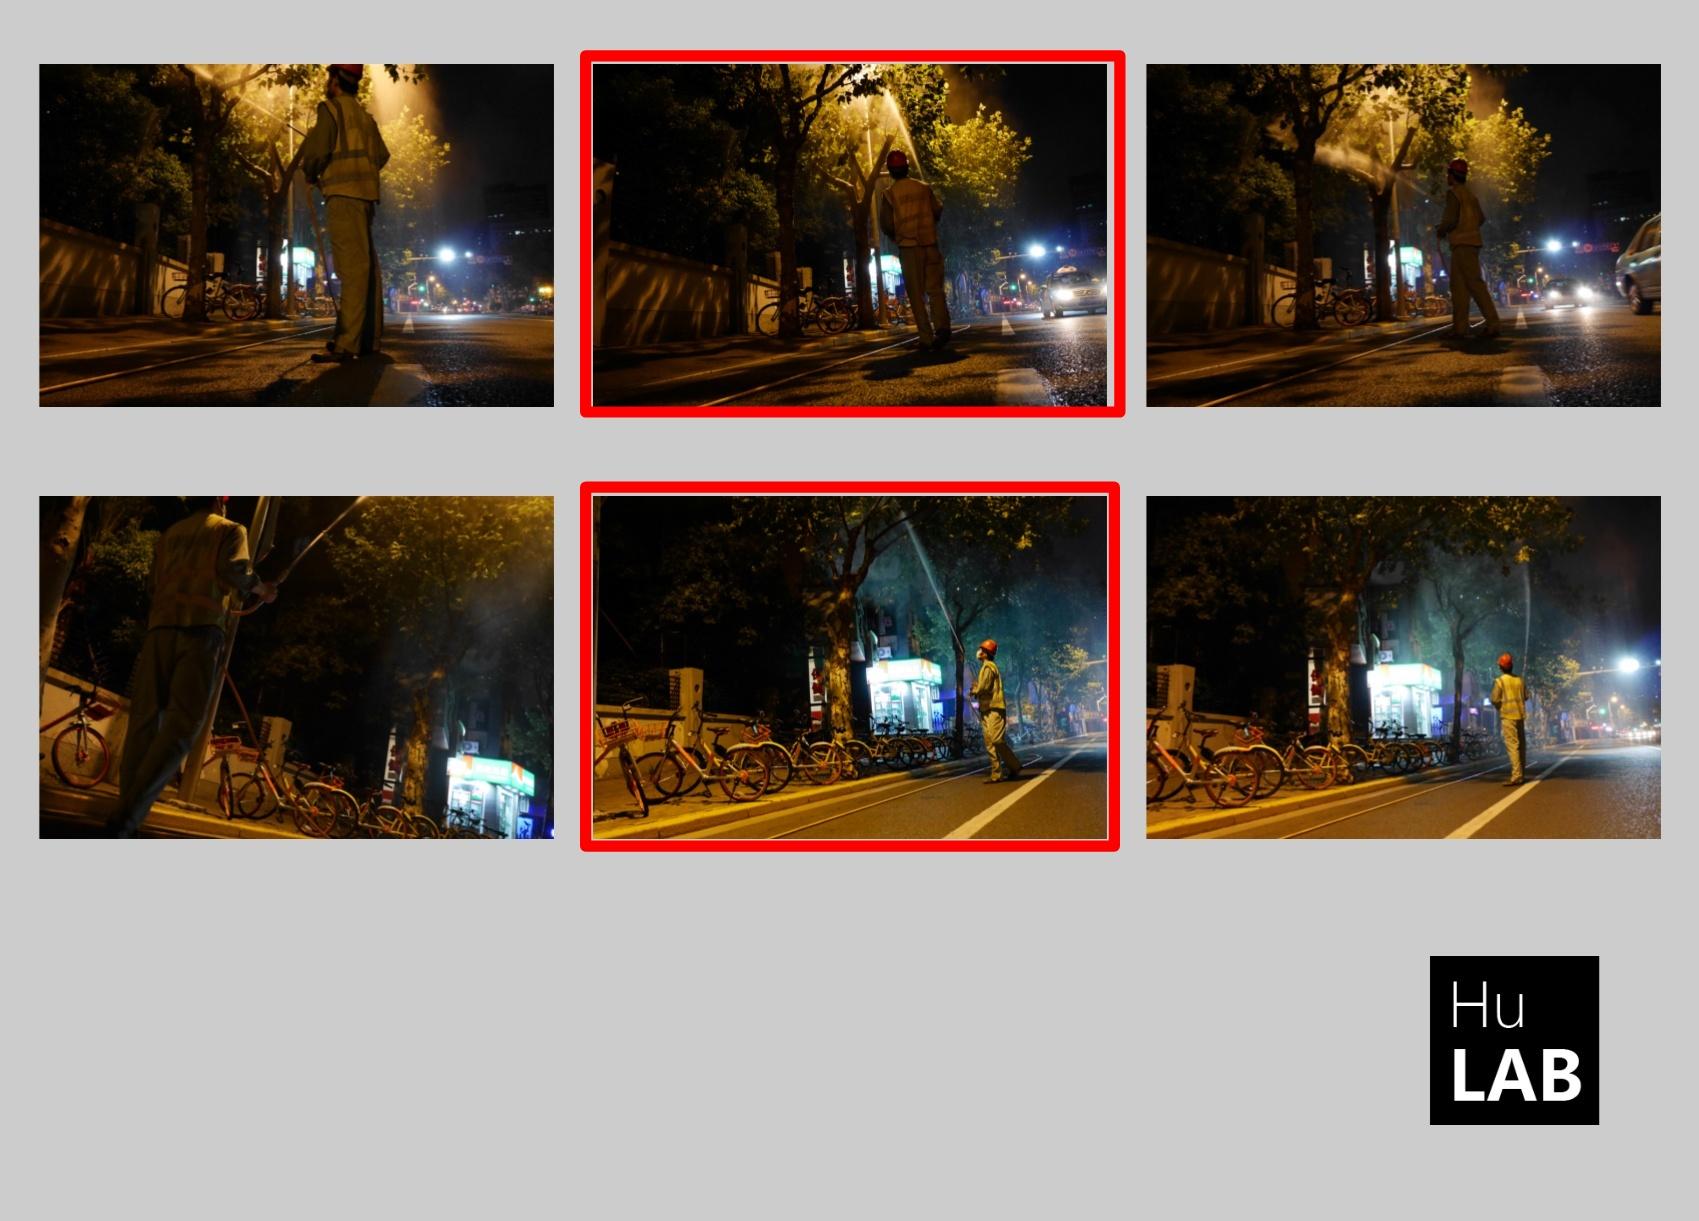 Contact-sheet-08-dwon.jpg